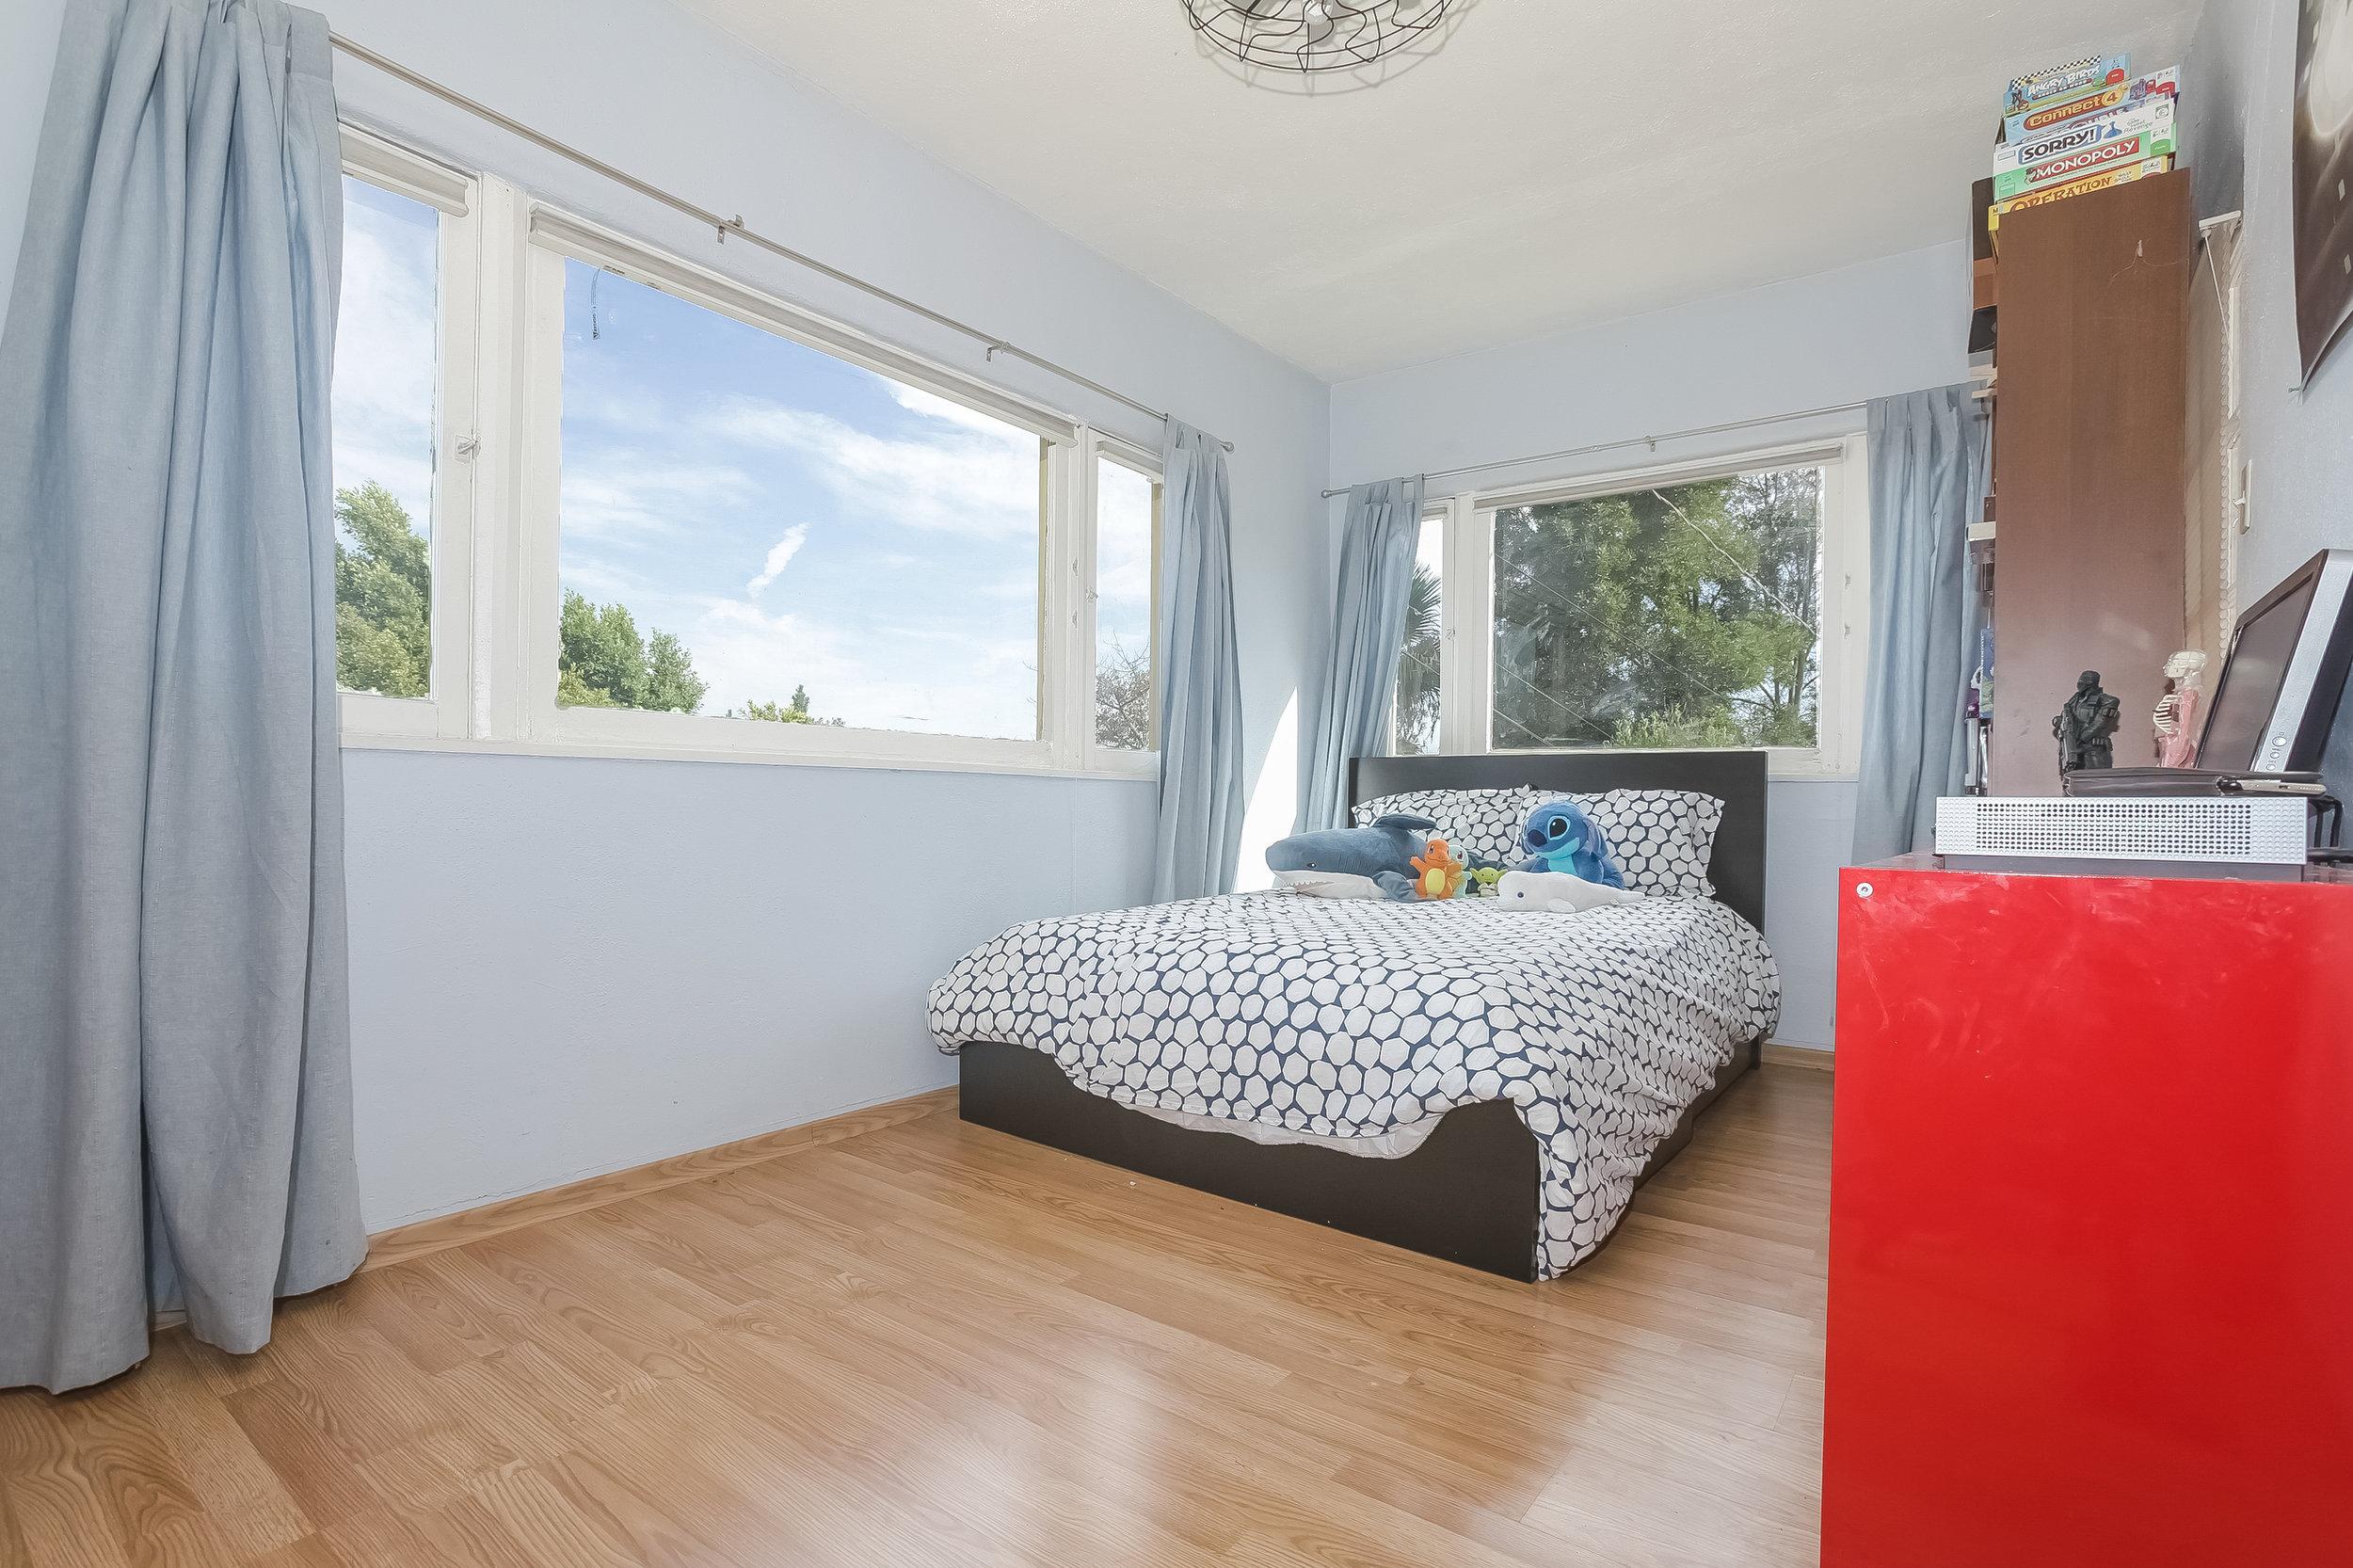 026-Bedroom-4517230-large.jpg